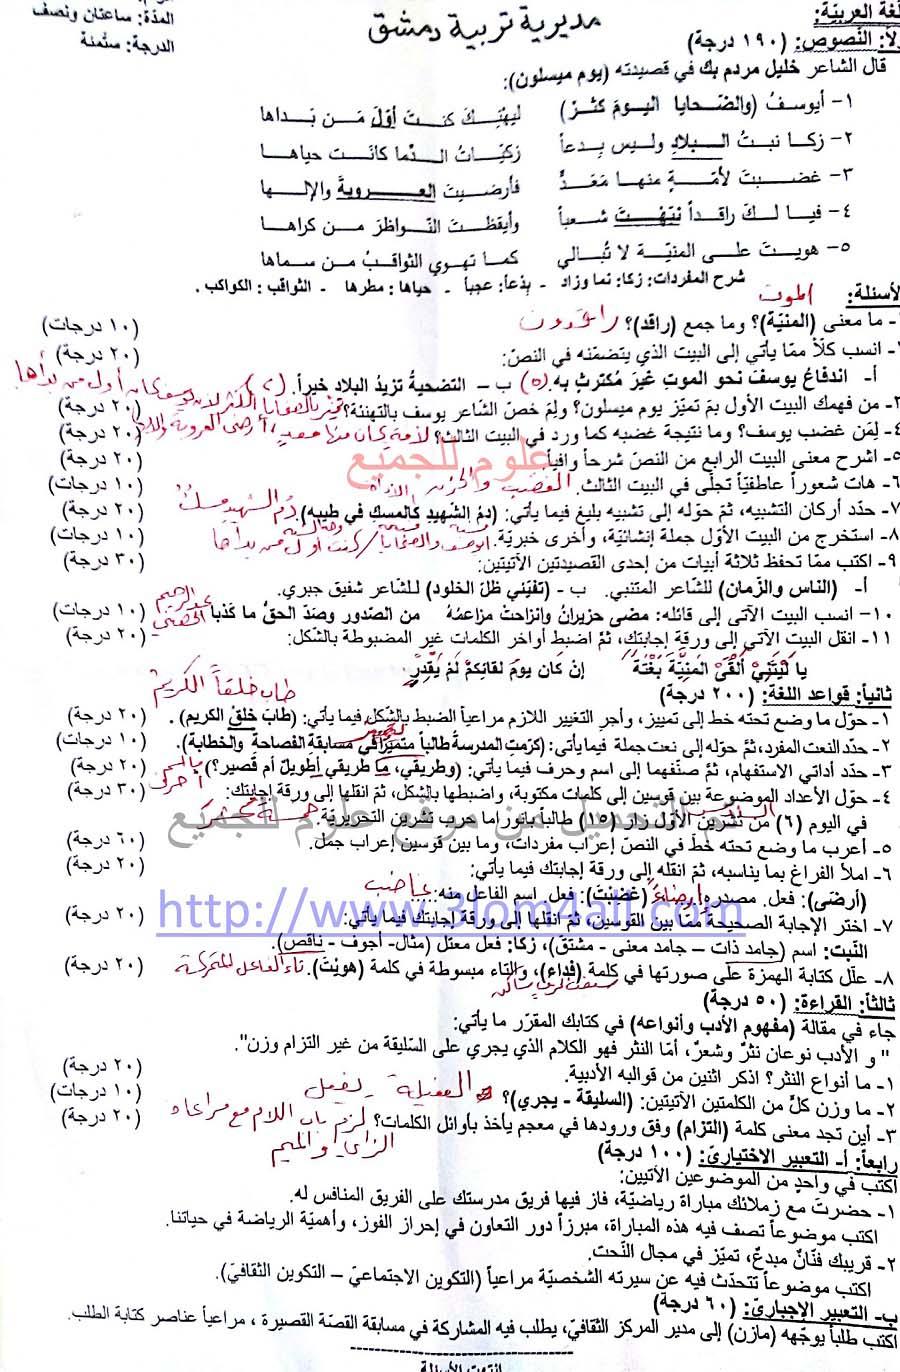 ورقة اسئلة اللغة العربية التاسع 2015 - اسئلة الدورات دورة 2015 عربي